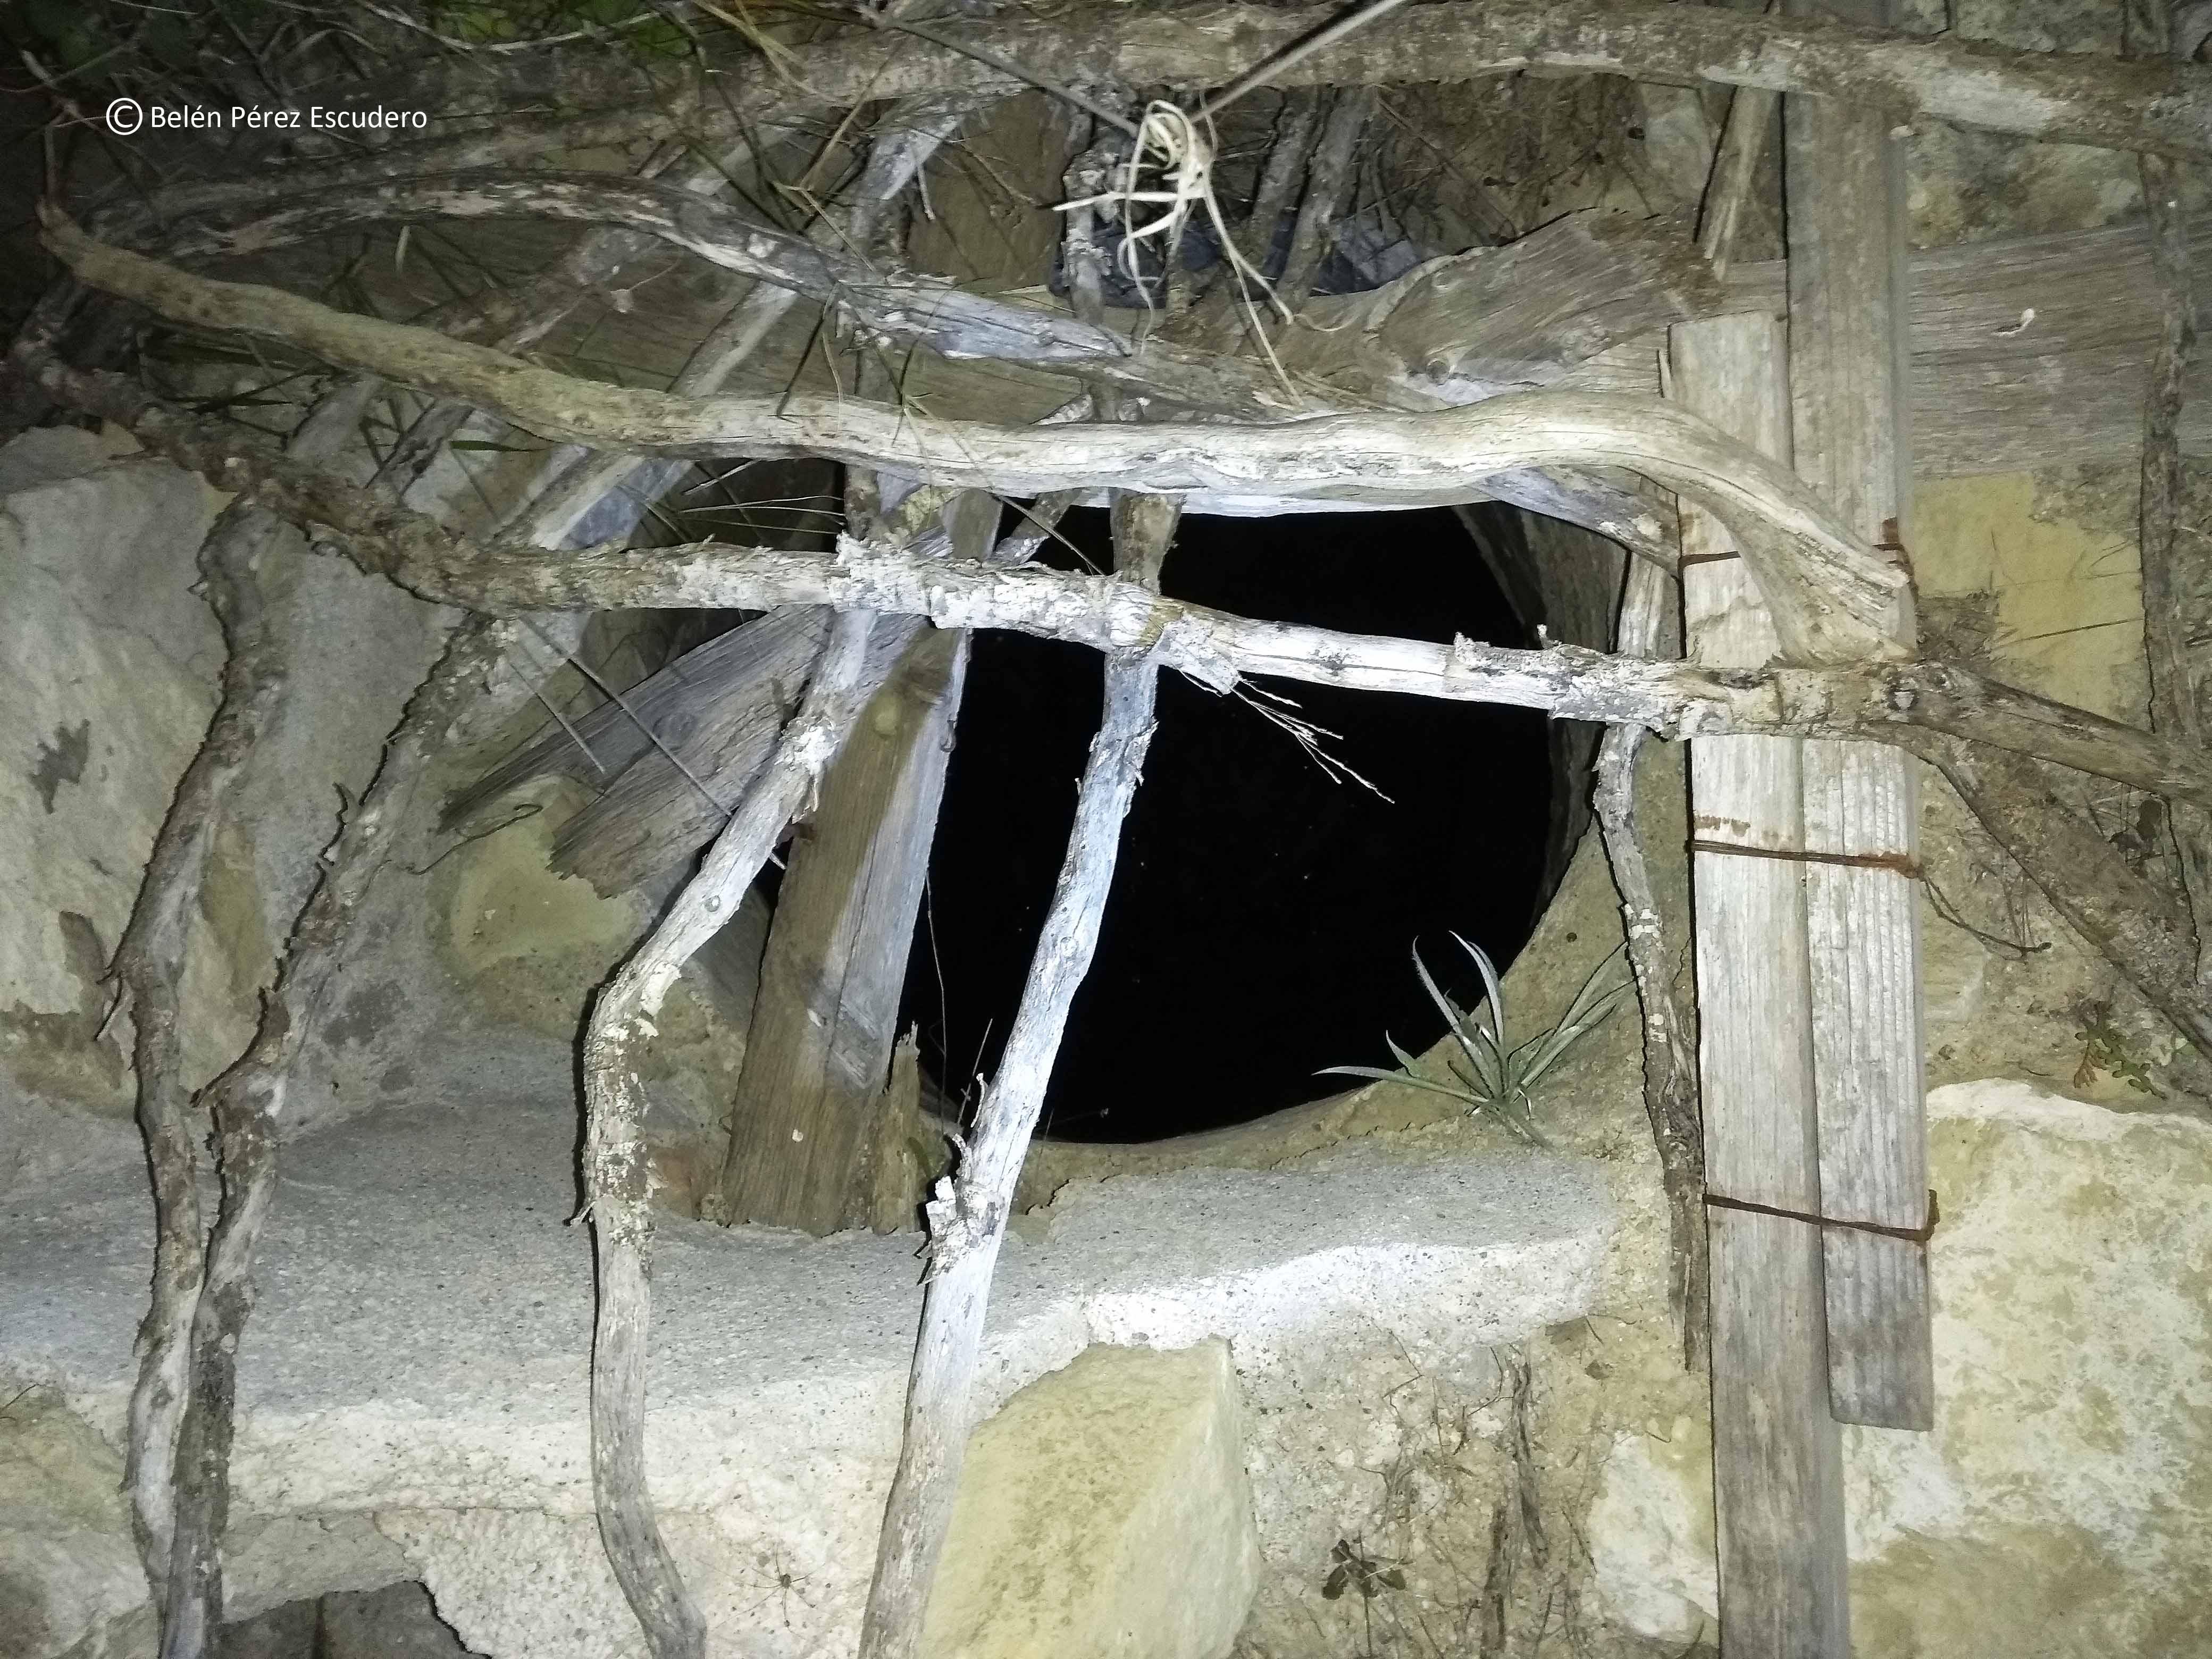 La presencia del pozo ha sido trasladada a la Administración. Imagen: Belén Pérez Escudero